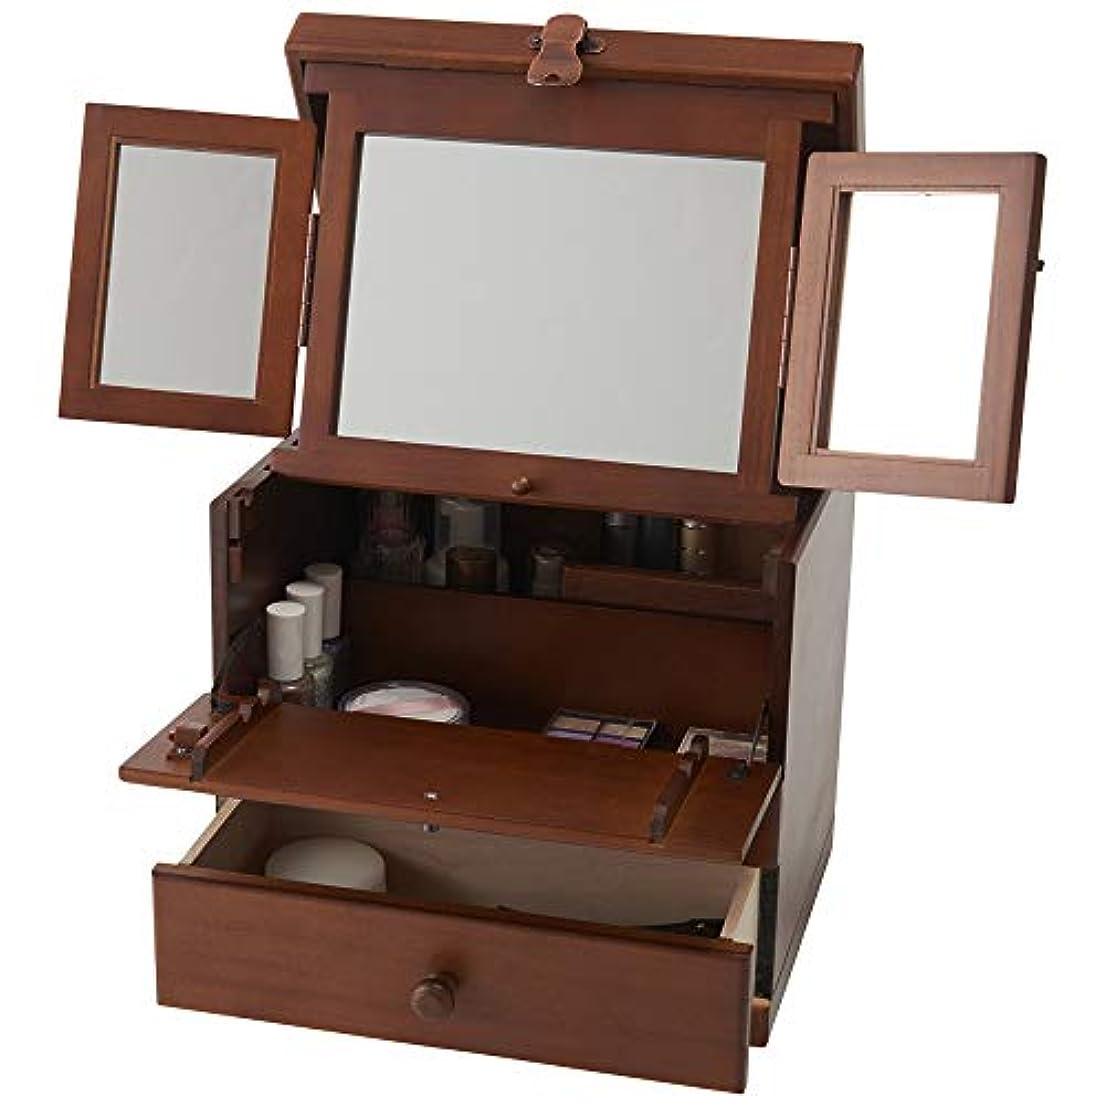 蜜少年副木製コスメボックス 三面鏡 持ち運び 鏡付き 化粧ボックス メイクボックス 日本製